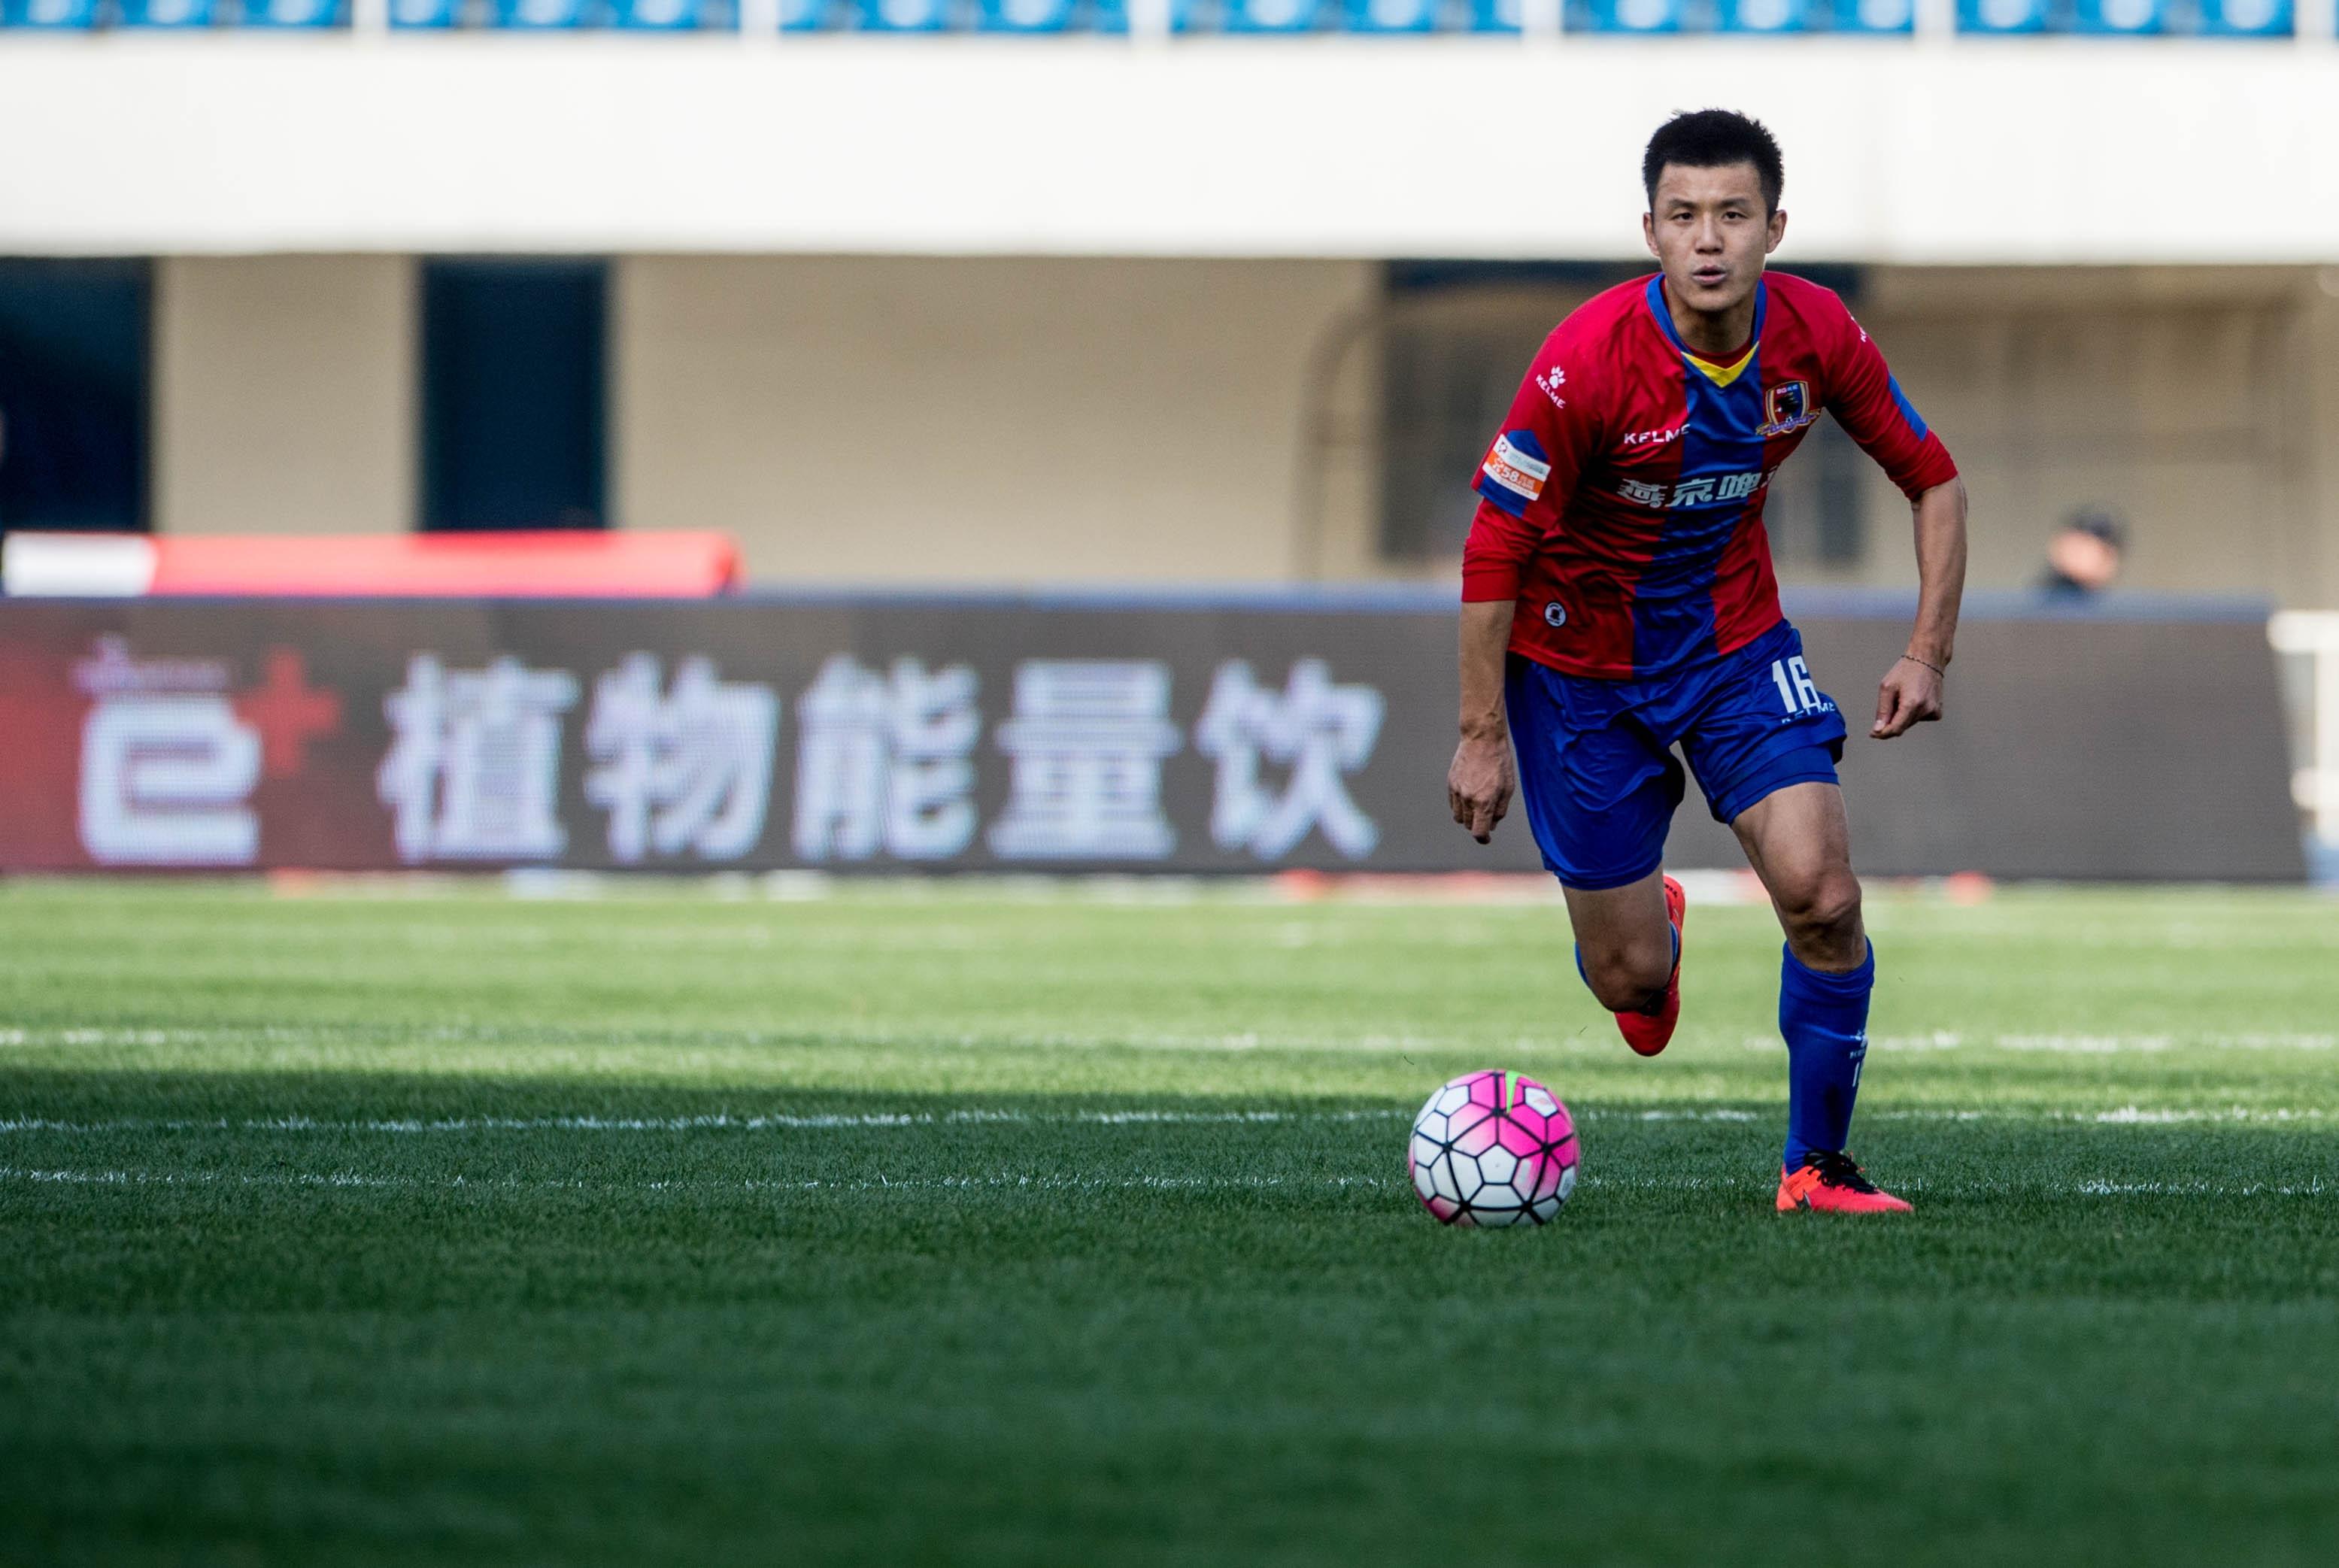 爱身健丽合作伙伴北京北控燕京足球队新赛季主场开门红